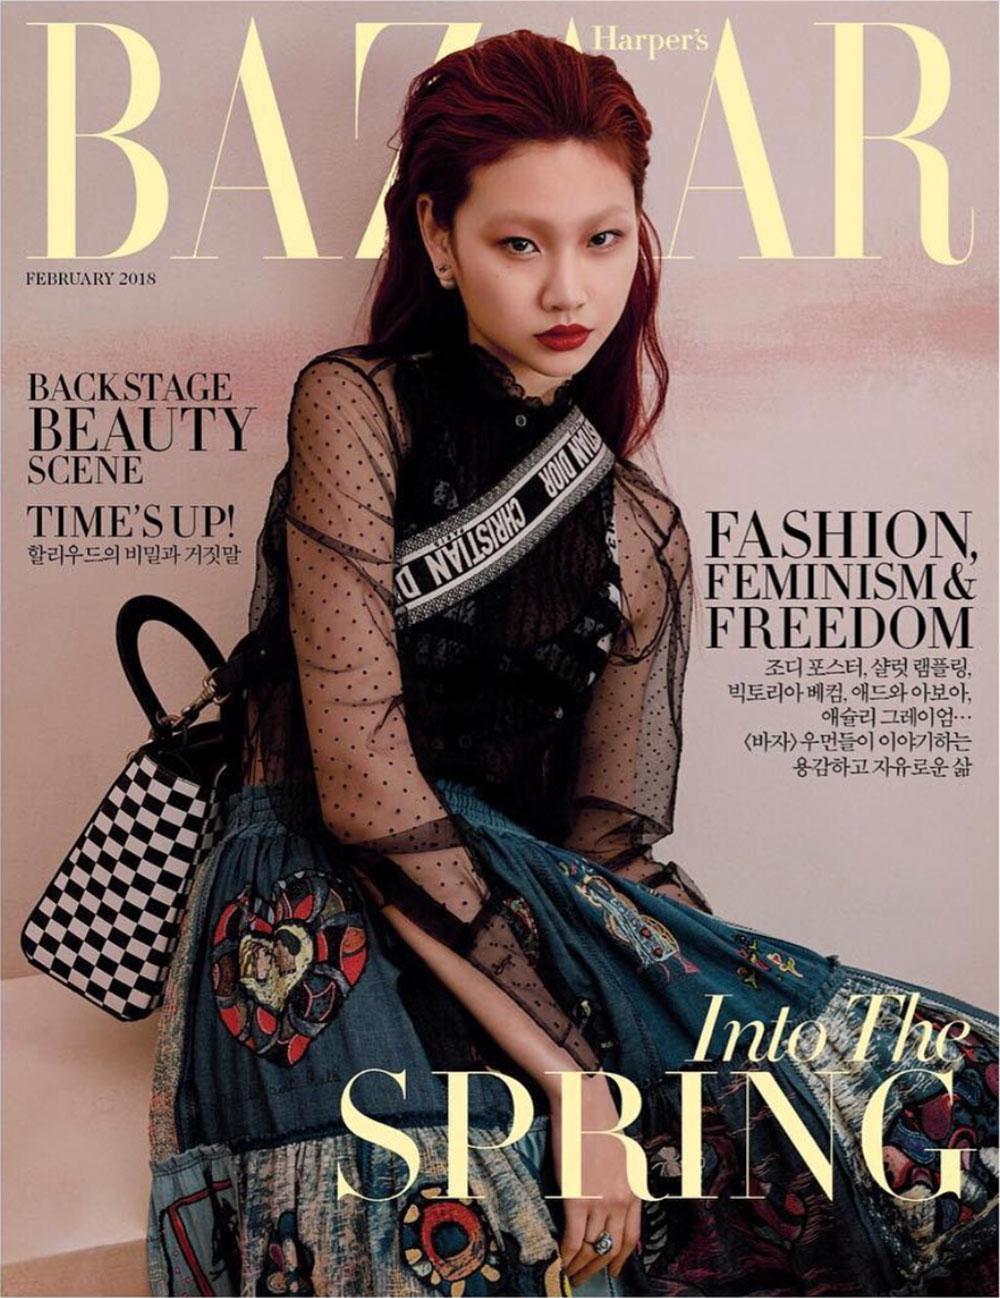 trên bìa Harper's Bazaar Hàn Quốc